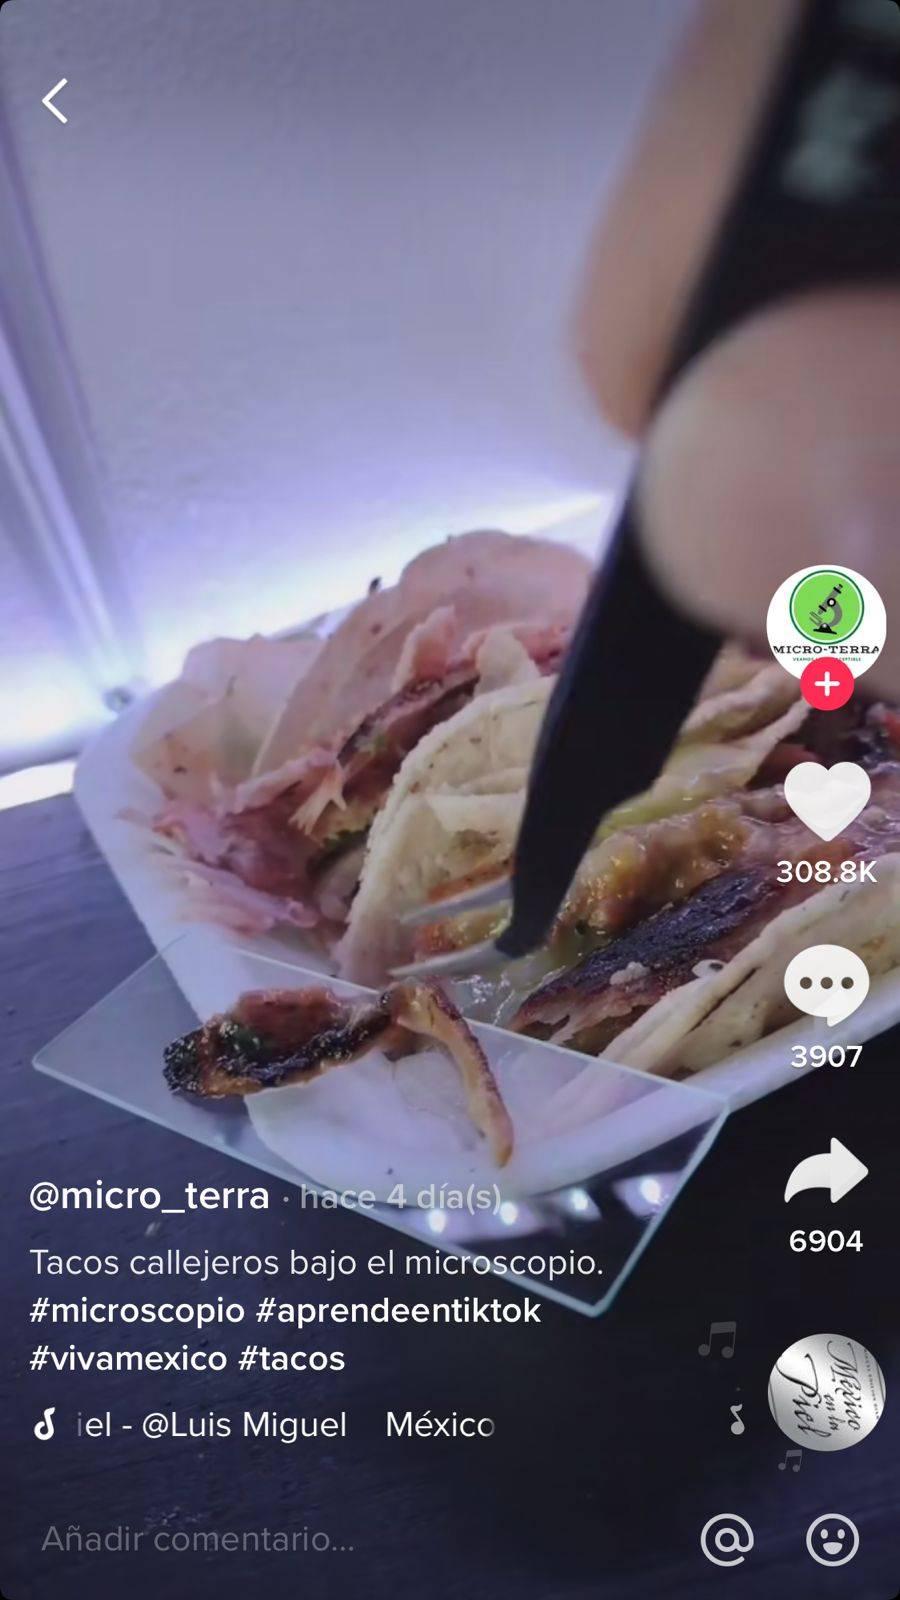 En TikTok analizan tacos callejeros con un microscopio: el resultado te sorprenderá